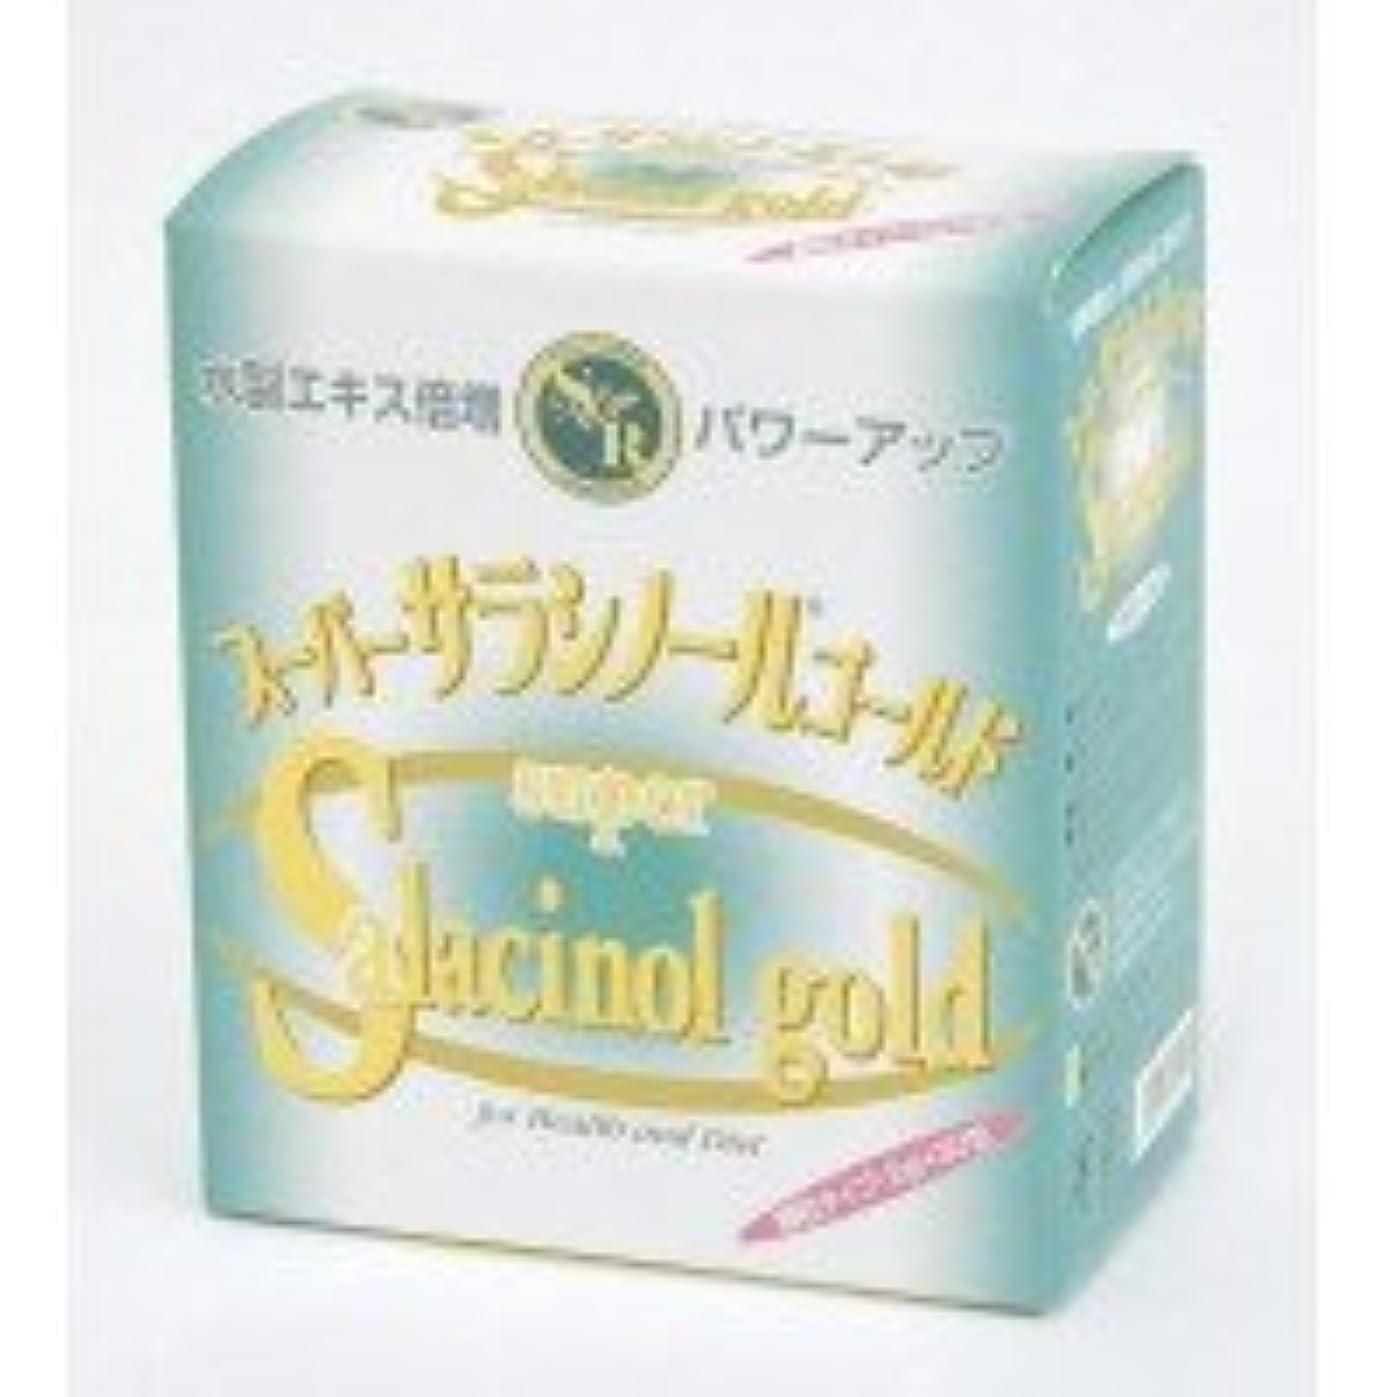 過度のより多いくつろぎジャパンヘルス スーパーサラシノールゴールド 2g×30包